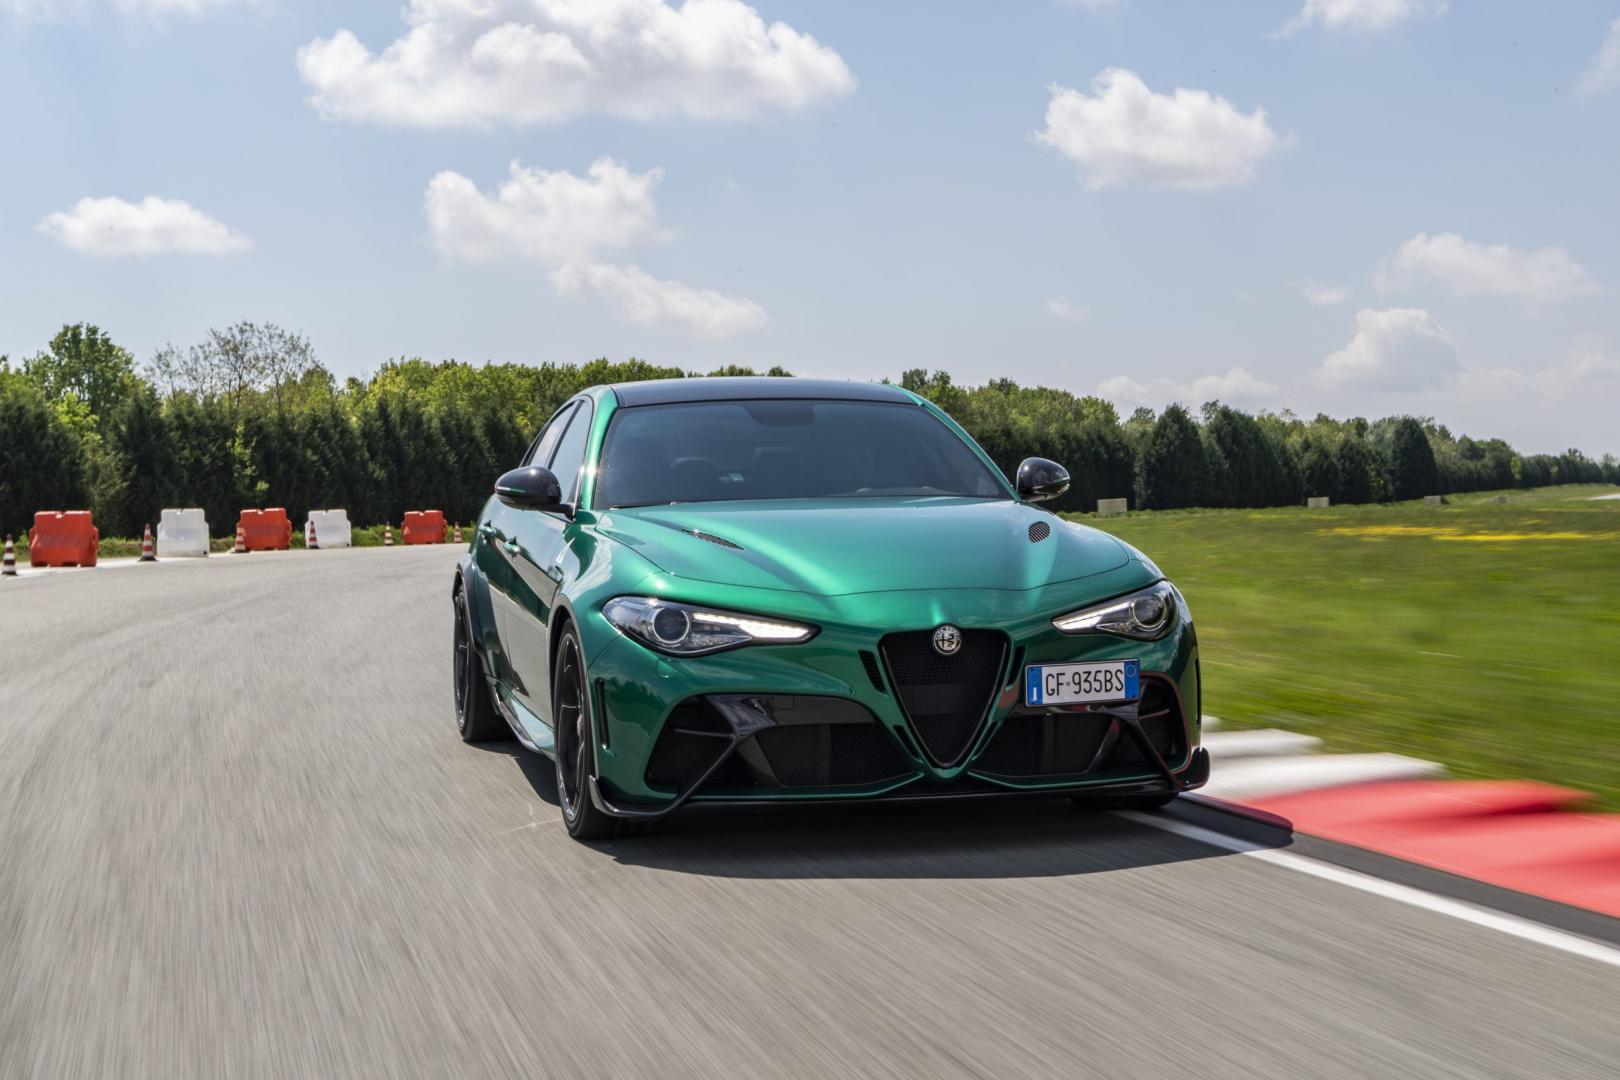 Alfa Romeo GTAm Montreal Green